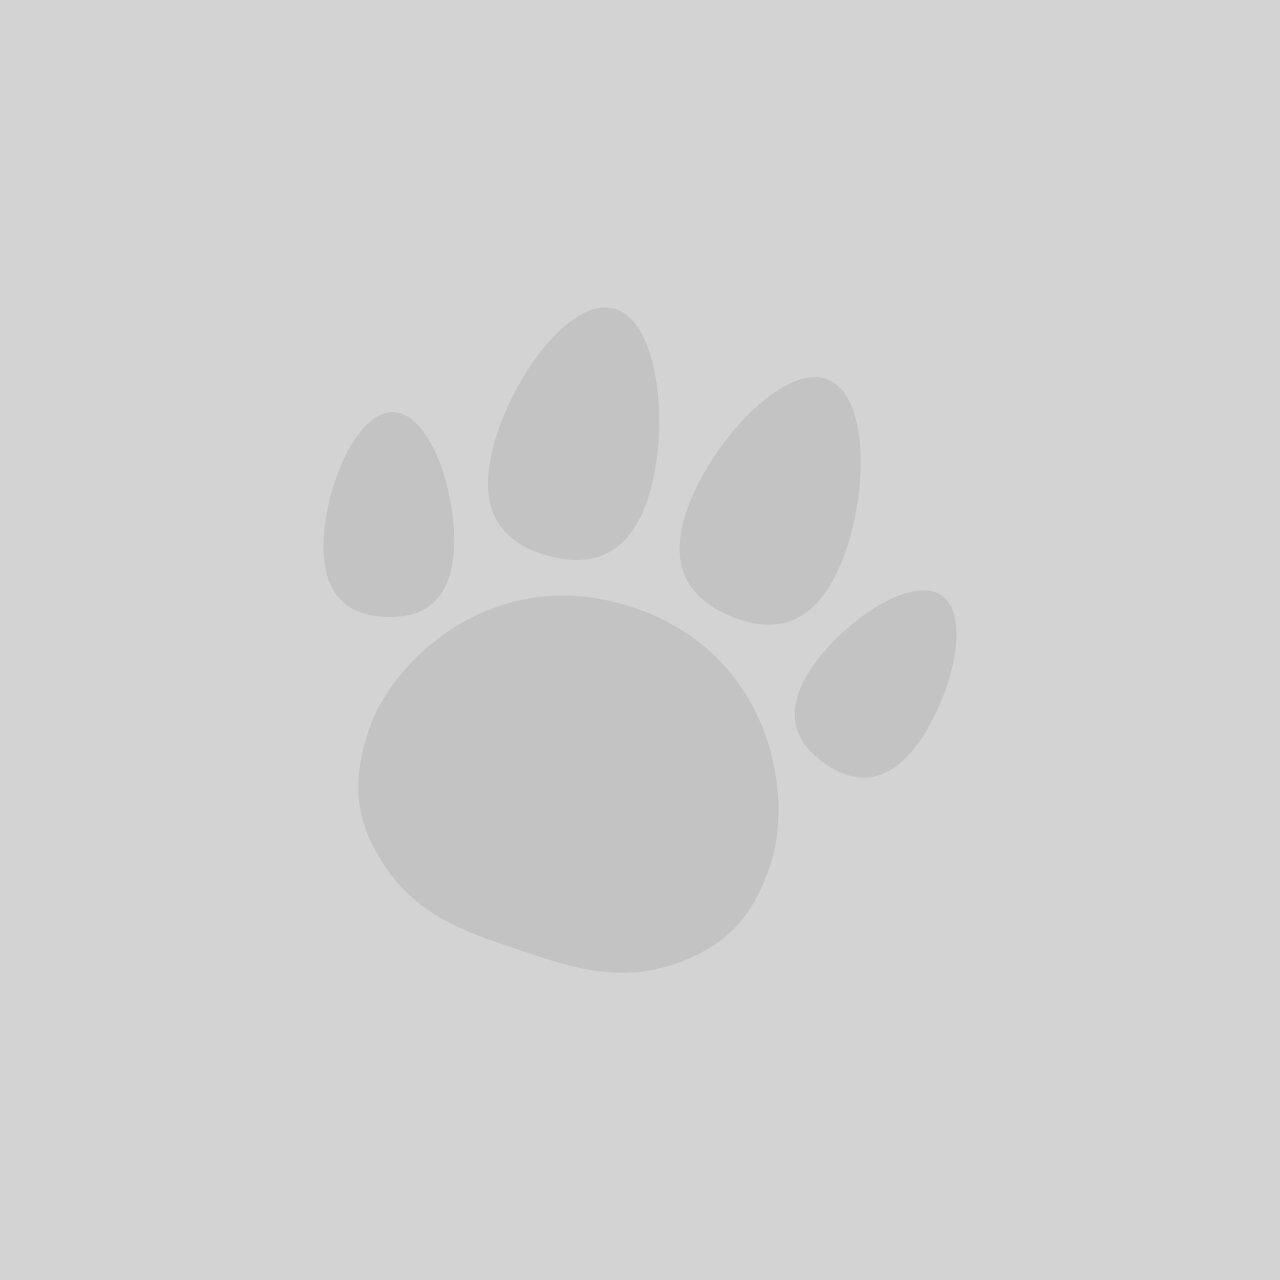 Iams Dog Food Senior Small/Medium 2kg